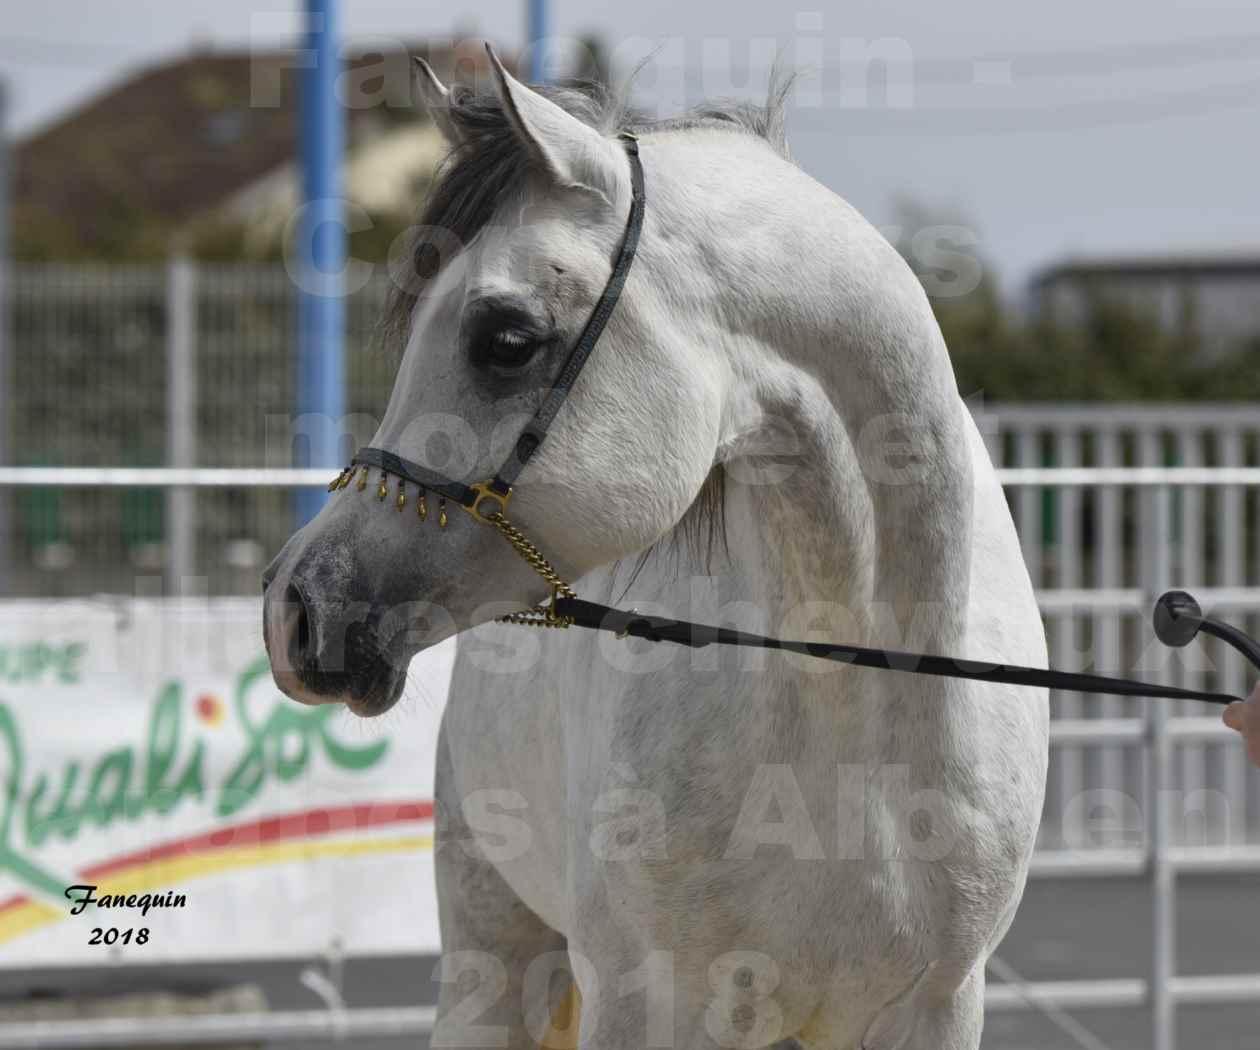 Concours d'élevage de Chevaux Arabes - D. S. A. - A . A - ALBI les 6 & 7 Avril 2018 - FADI ALBIDAYER - Portraits - 04